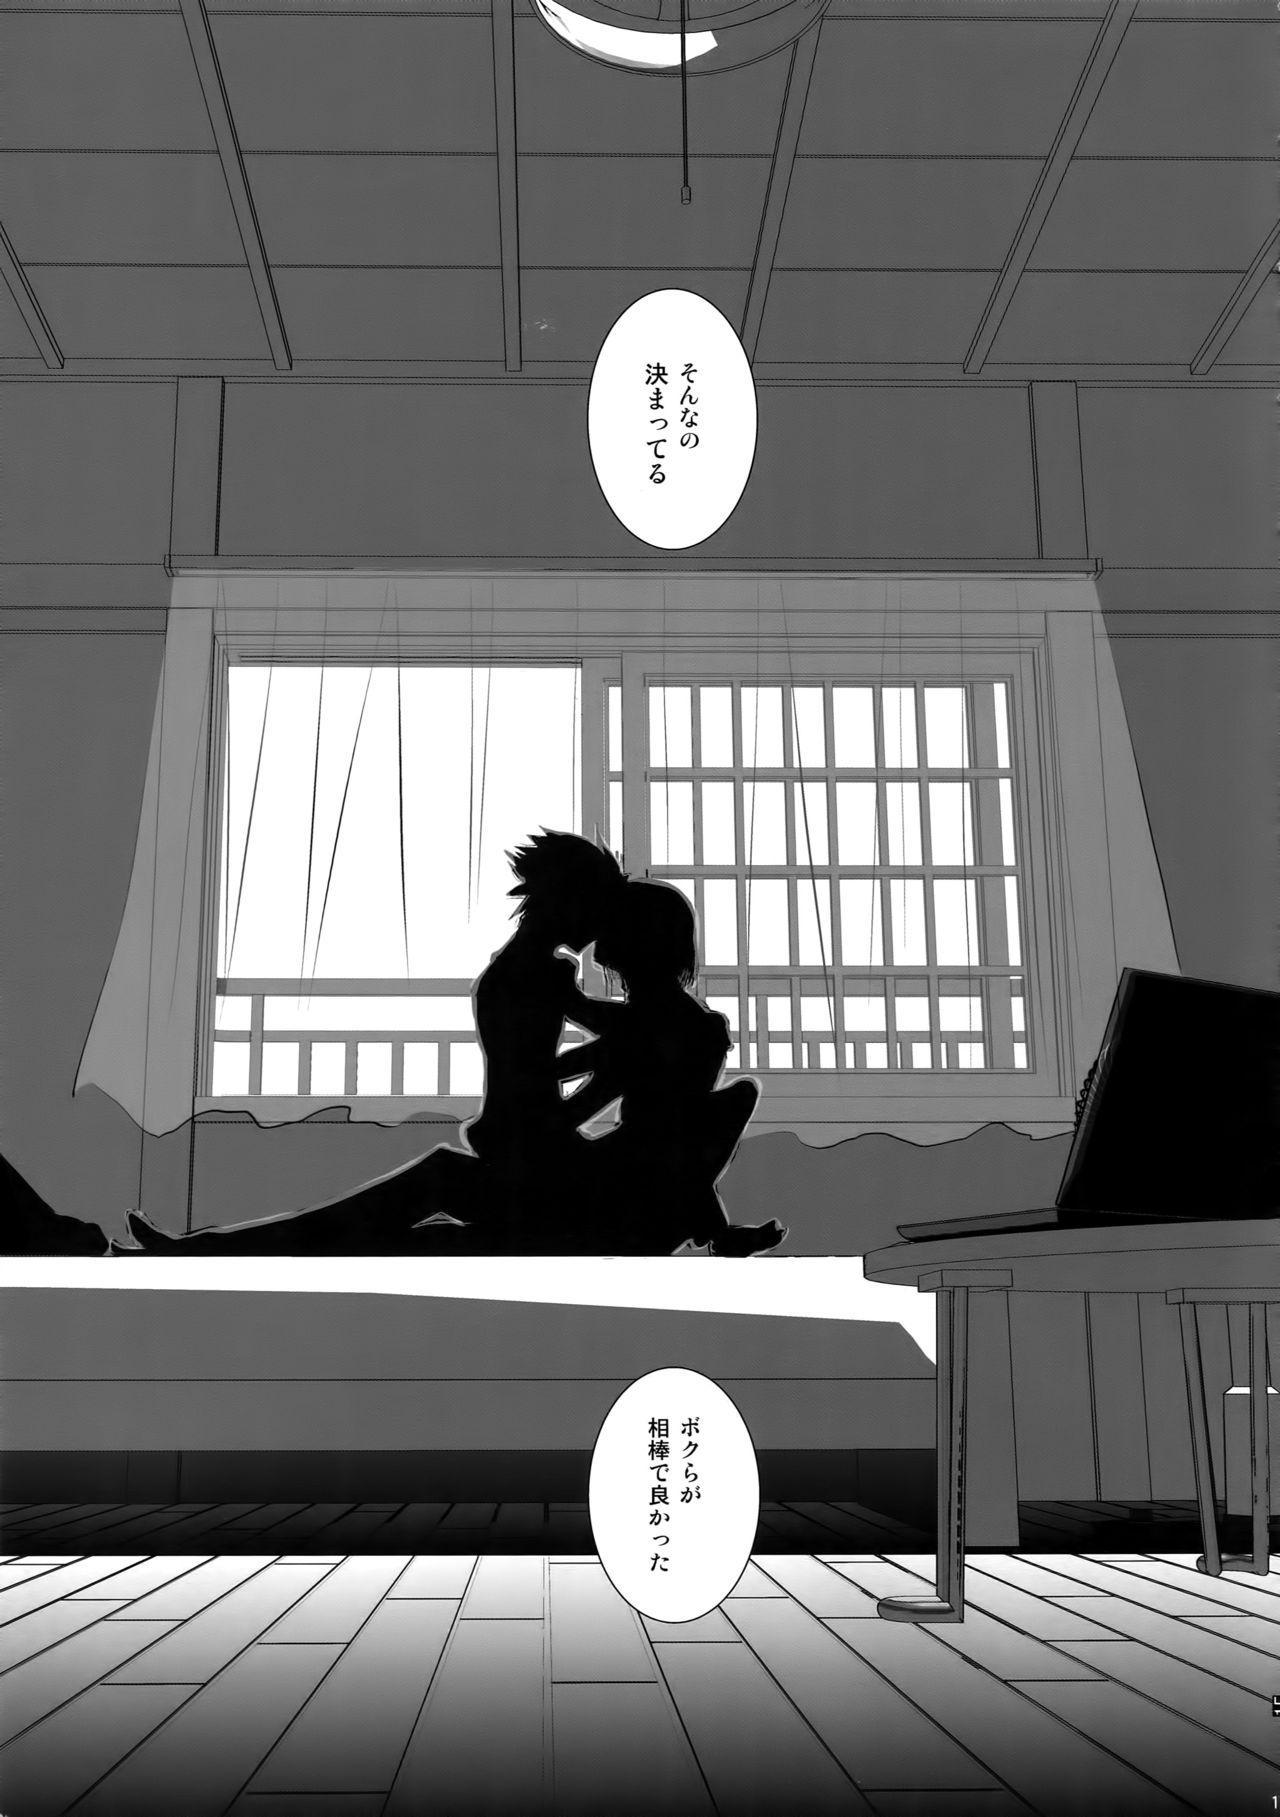 Hokubei-ban Erik ga Etchi Sugirunode Boku no Camus mo Etchi ni Chigainai 15